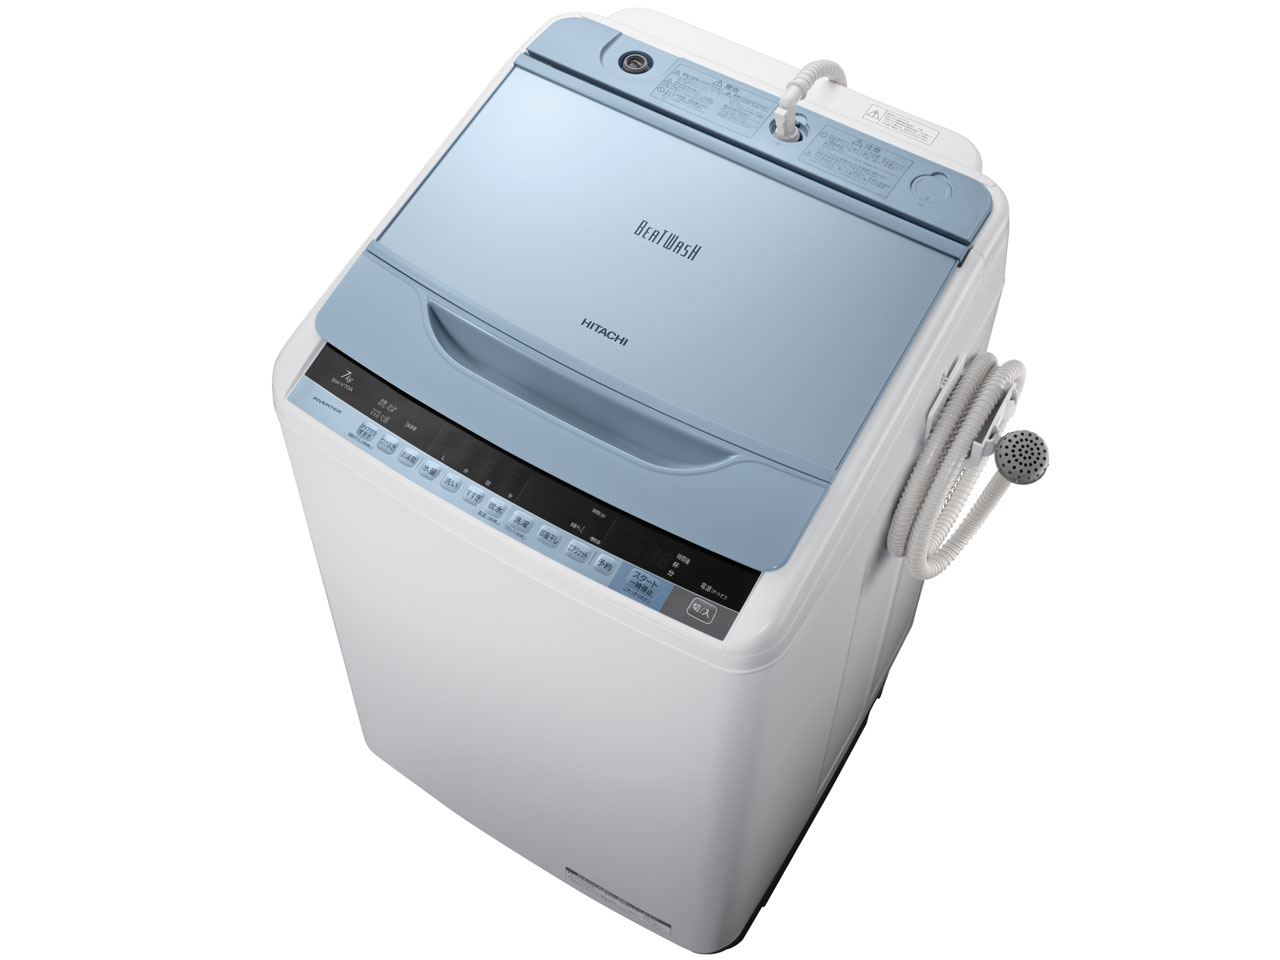 ビートウォッシュ BW-V80A(A) [ブルー] の製品画像